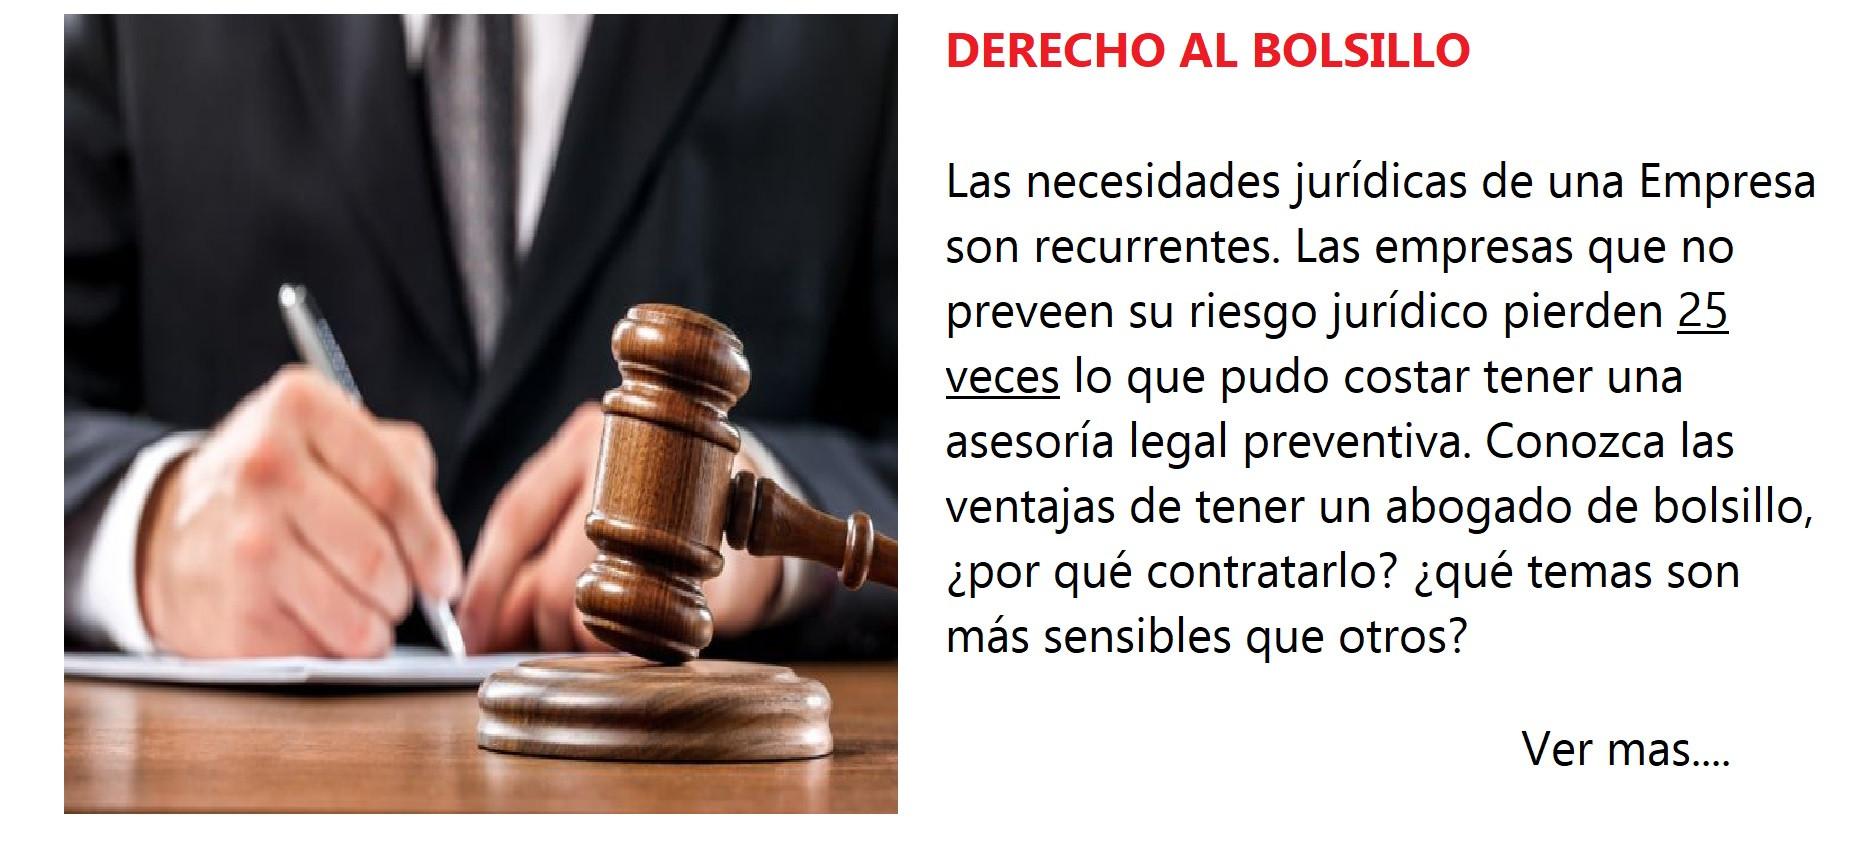 Consultoría jurídica permanente